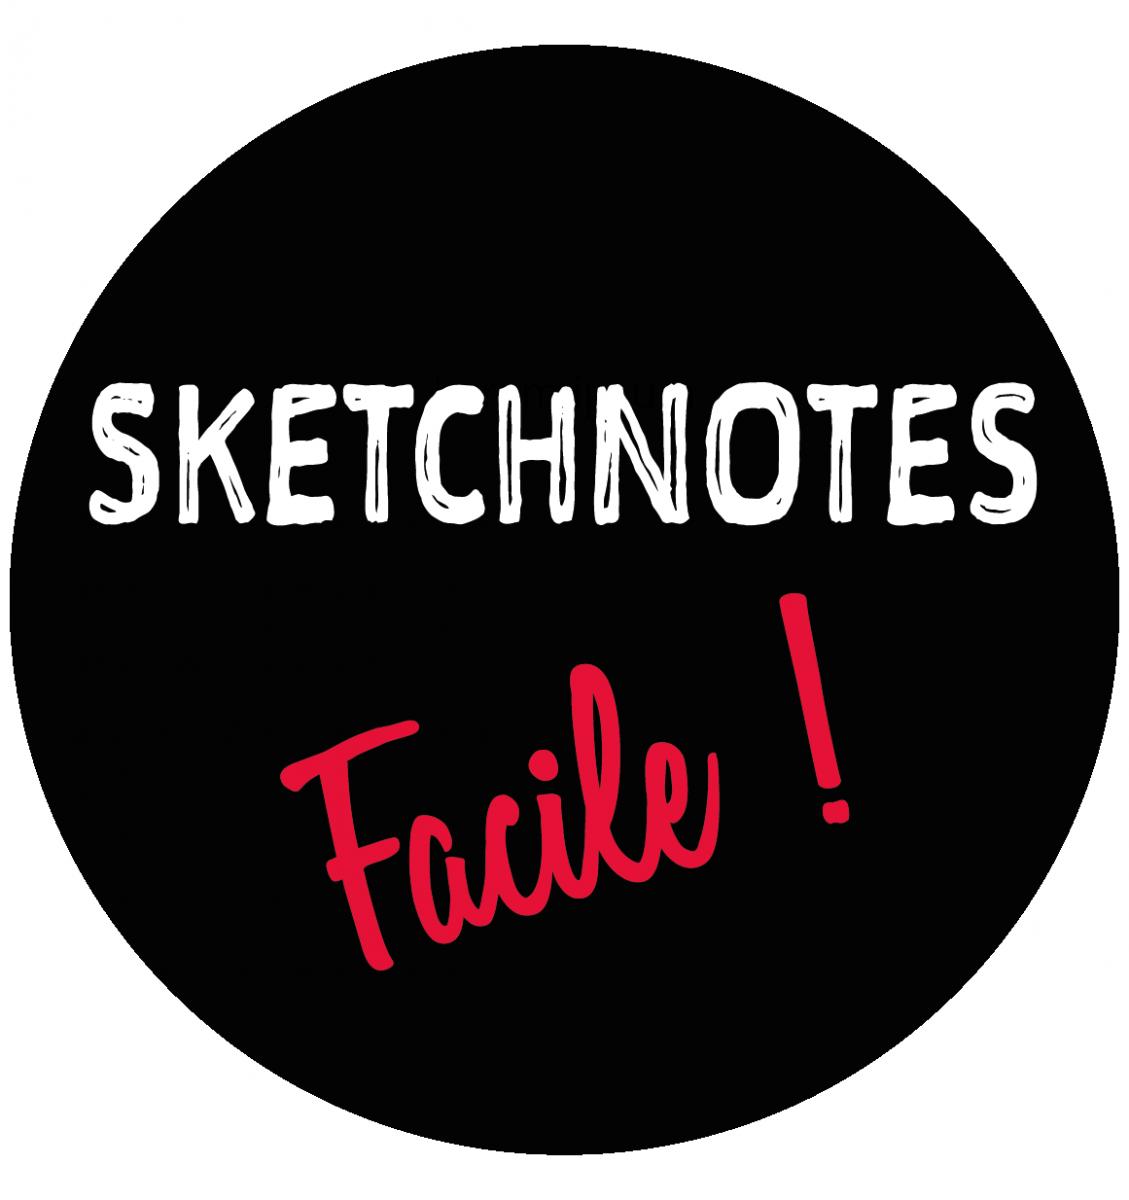 Logo Sketchnotes Facile